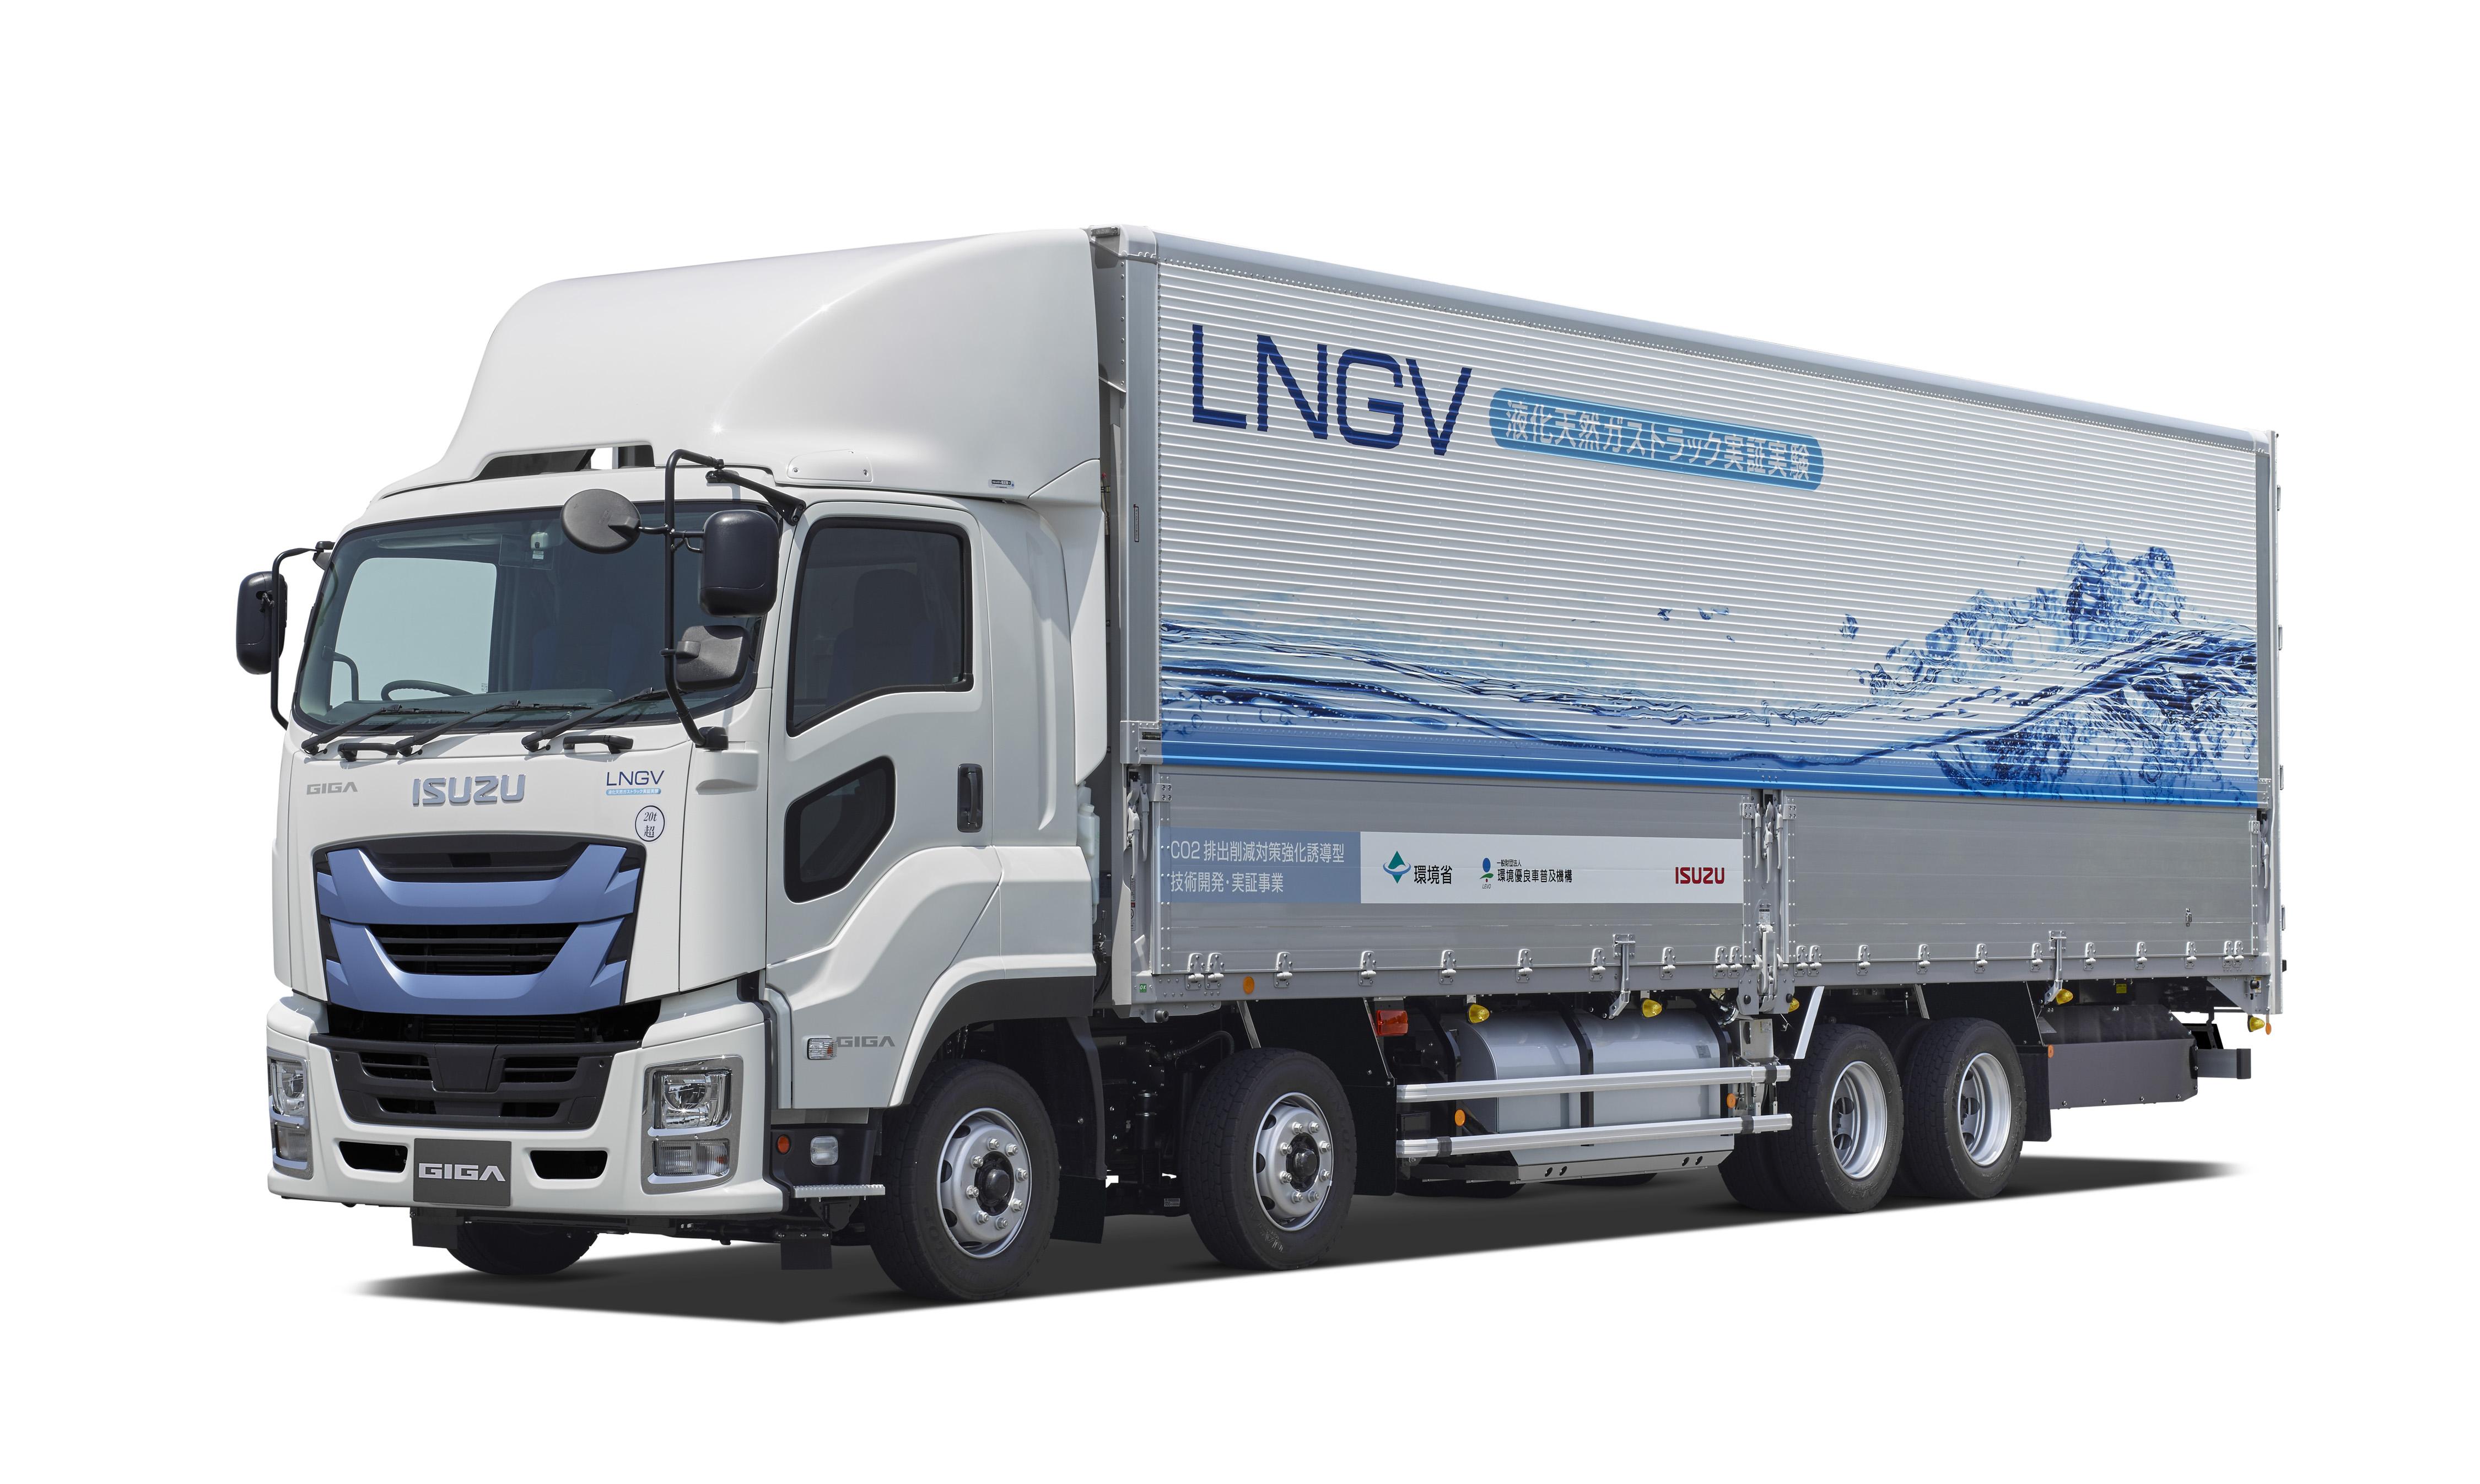 環境省_日本初の大型LNGトラックの公道走行実証の開始について